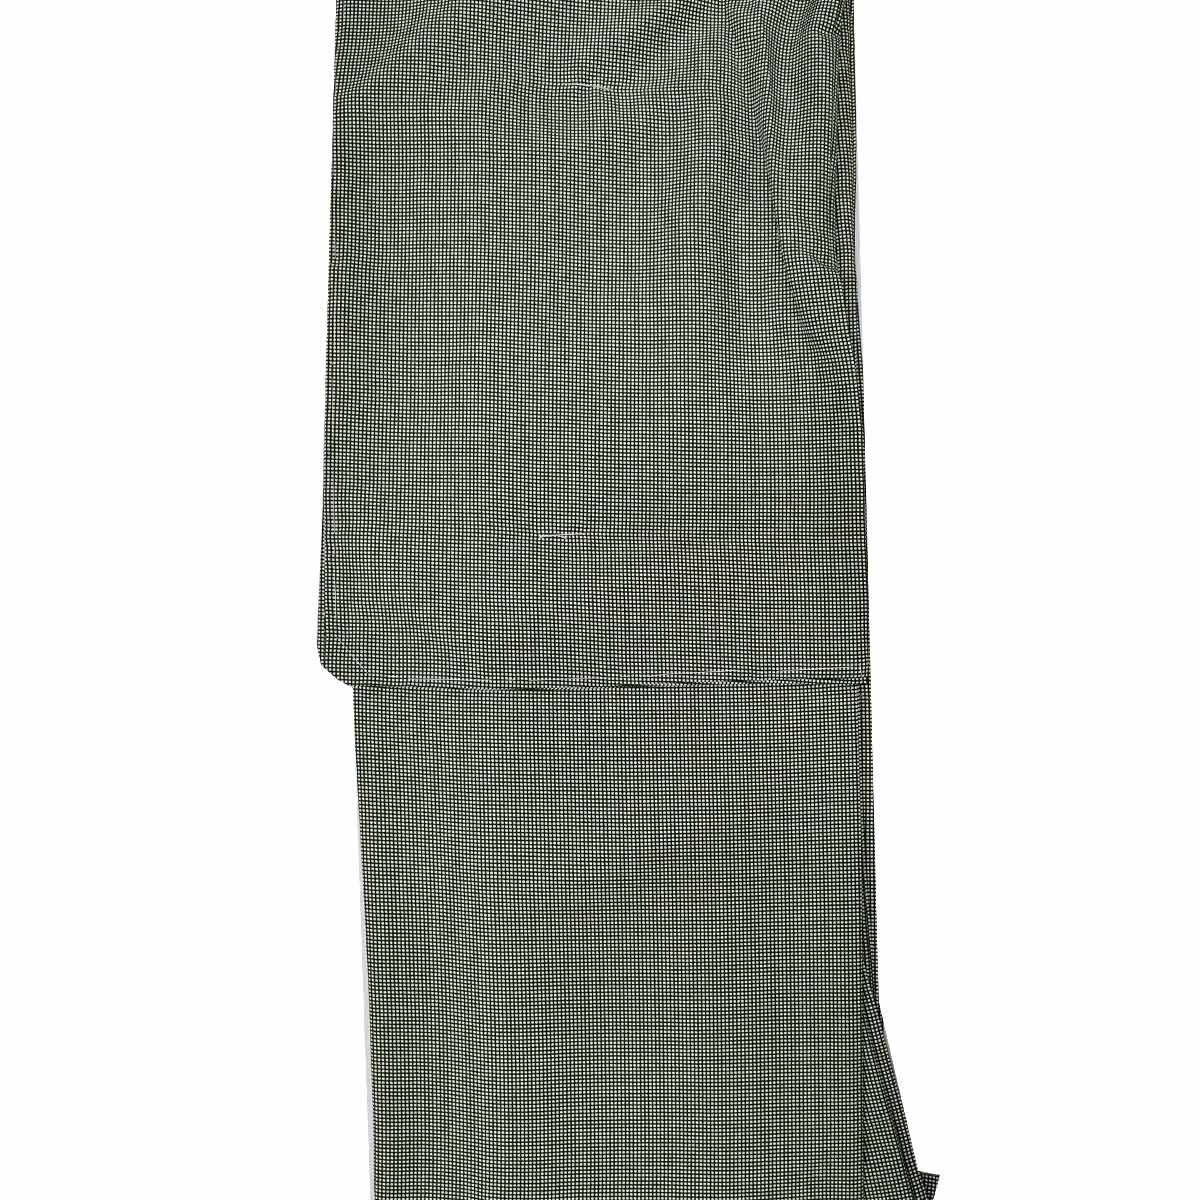 【角通し】洗える 袷 江戸小紋 単品【L寸】洗える着物 普段着 小紋 緑番号c828-1c